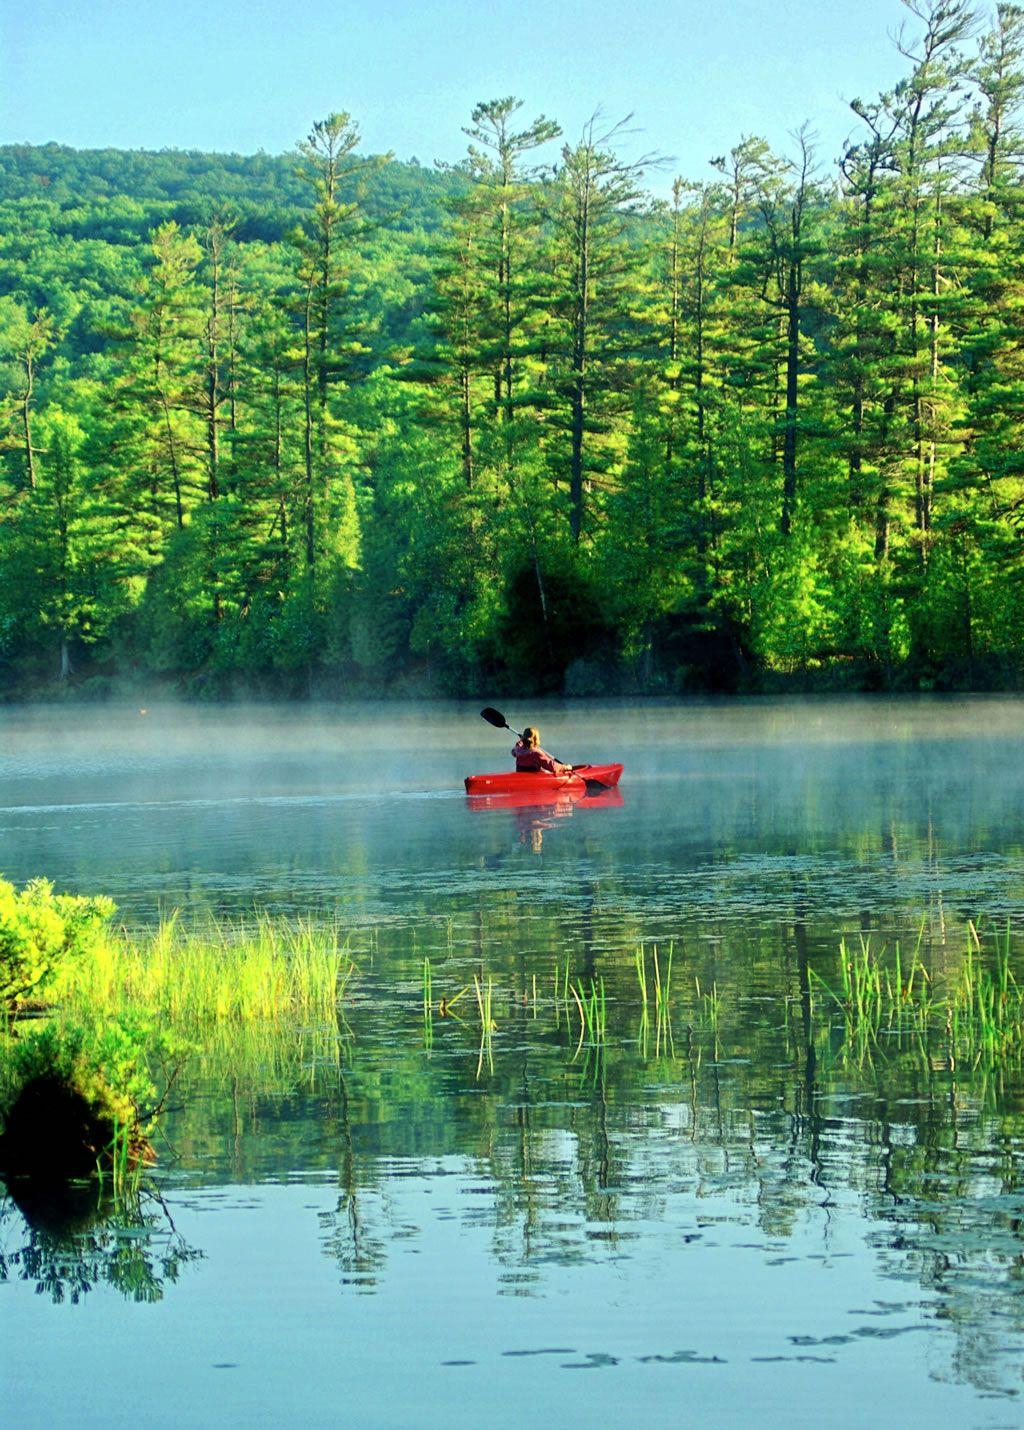 Morningside Camps U0026 Cottages | Adirondack Cabin Rentals